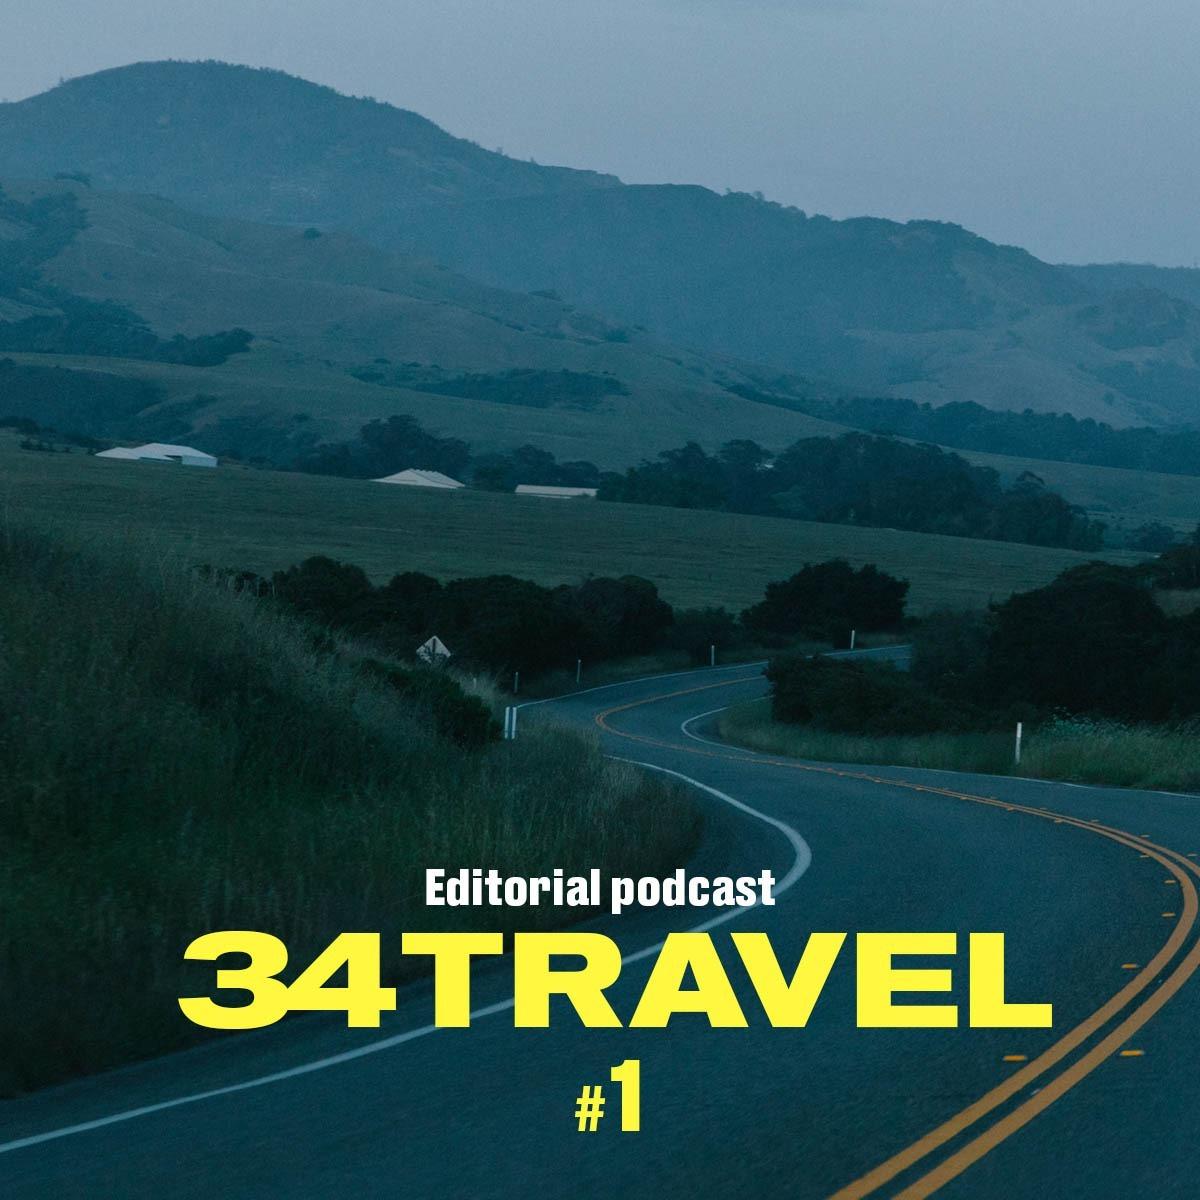 34travel Editorial #1: Как изменятся путешествия в будущем?